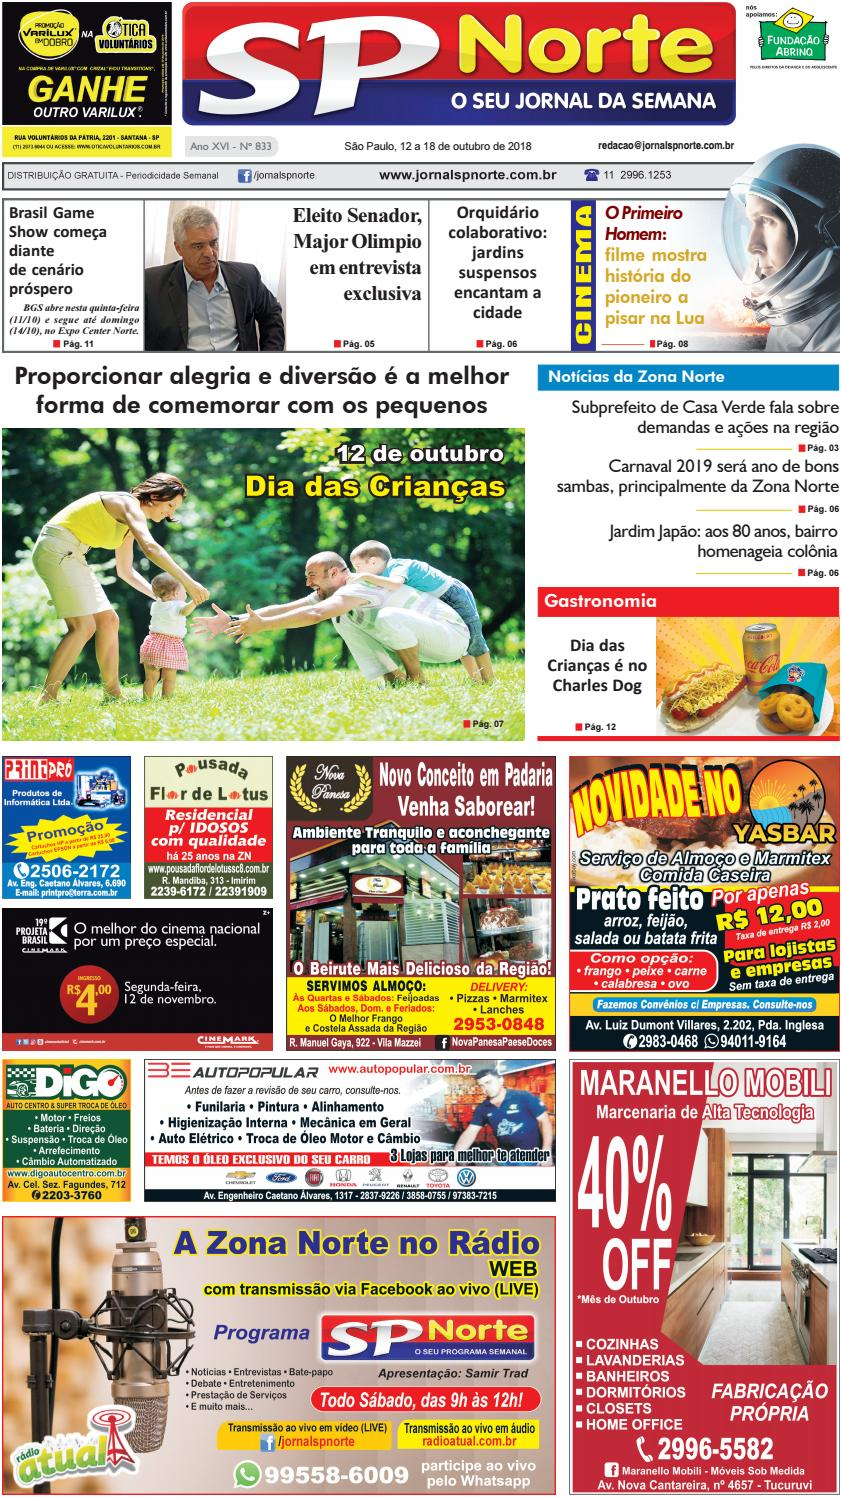 fad03dadd Edição 833 - 12 a 18 de Outubro de 2018 by Jornal SP Norte - issuu